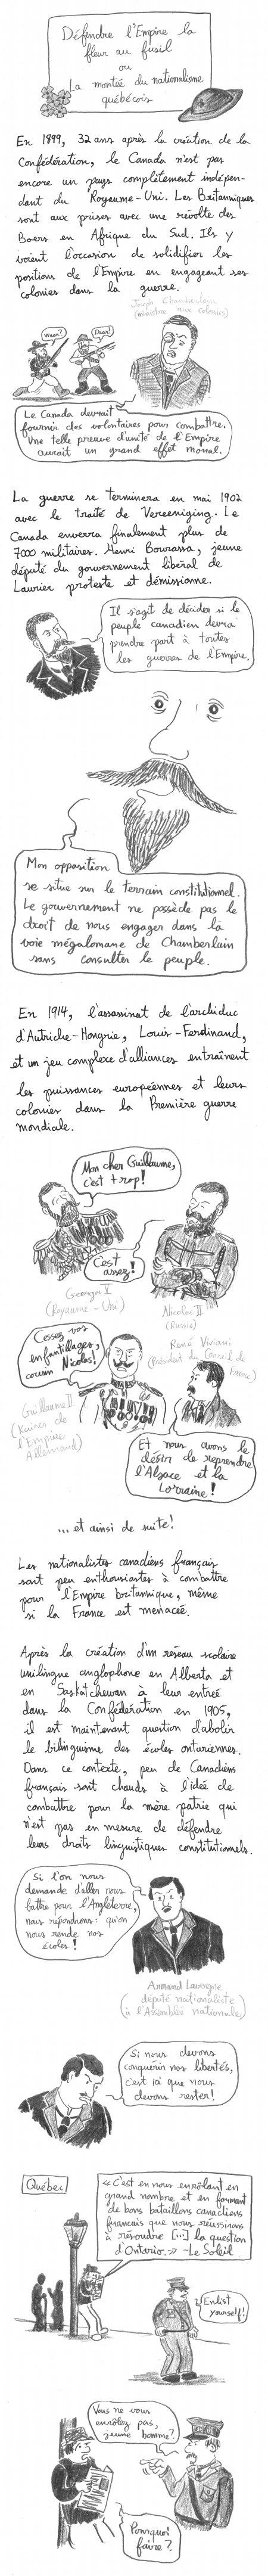 Histoire de la Confédération canadienne - 3